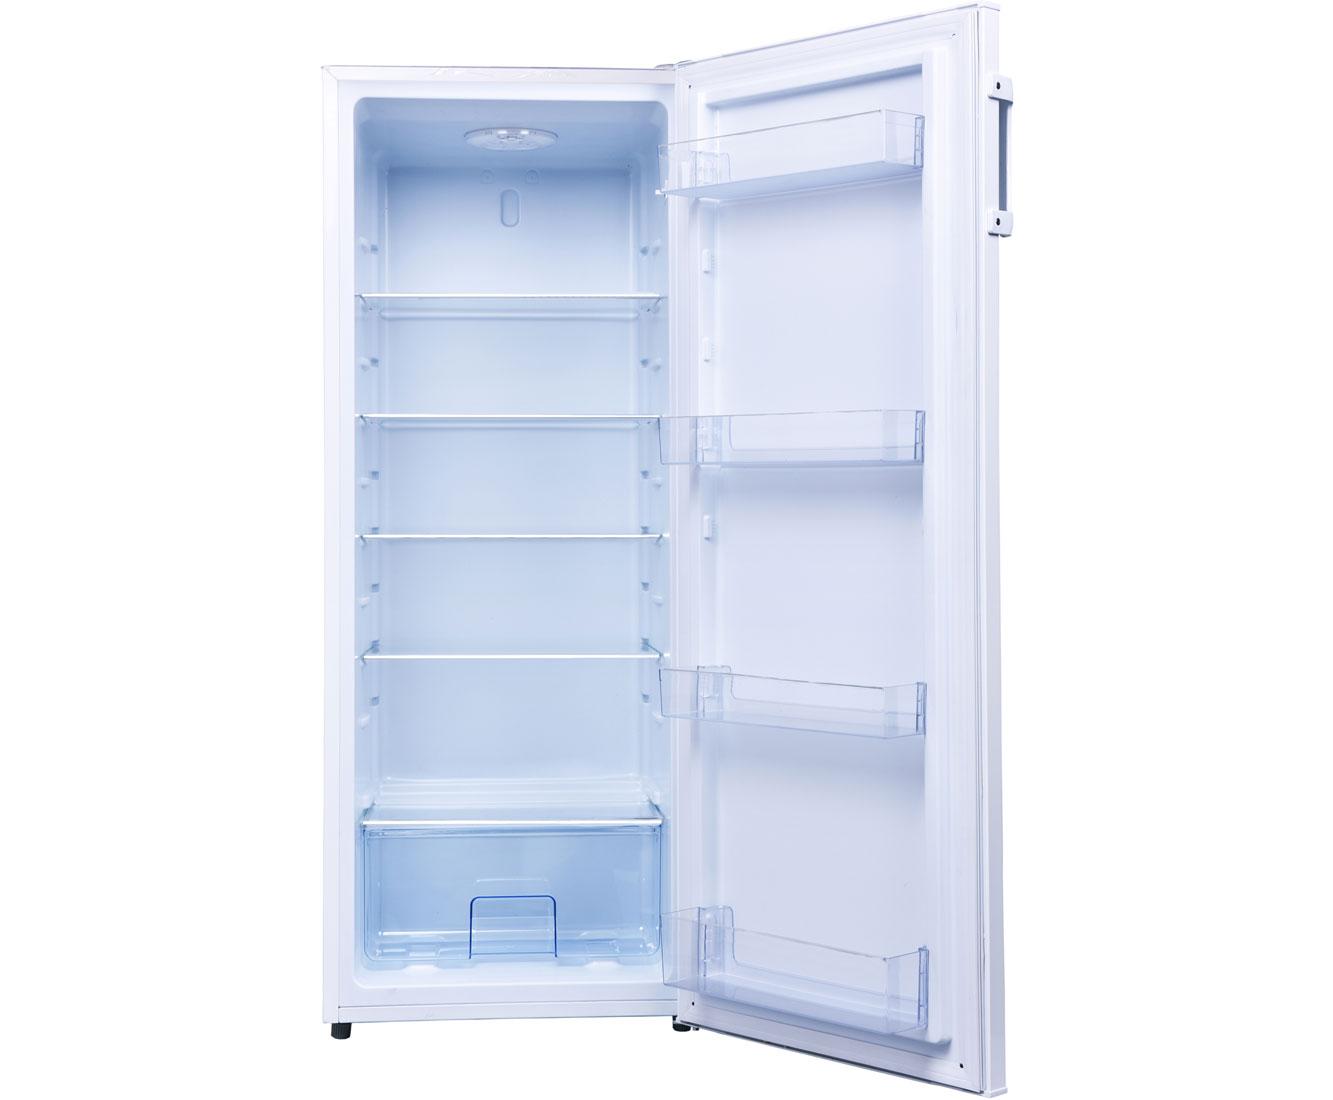 Amerikanischer Kühlschrank Niedrig : Side by side kühlschrank test die besten geräte im vergleich